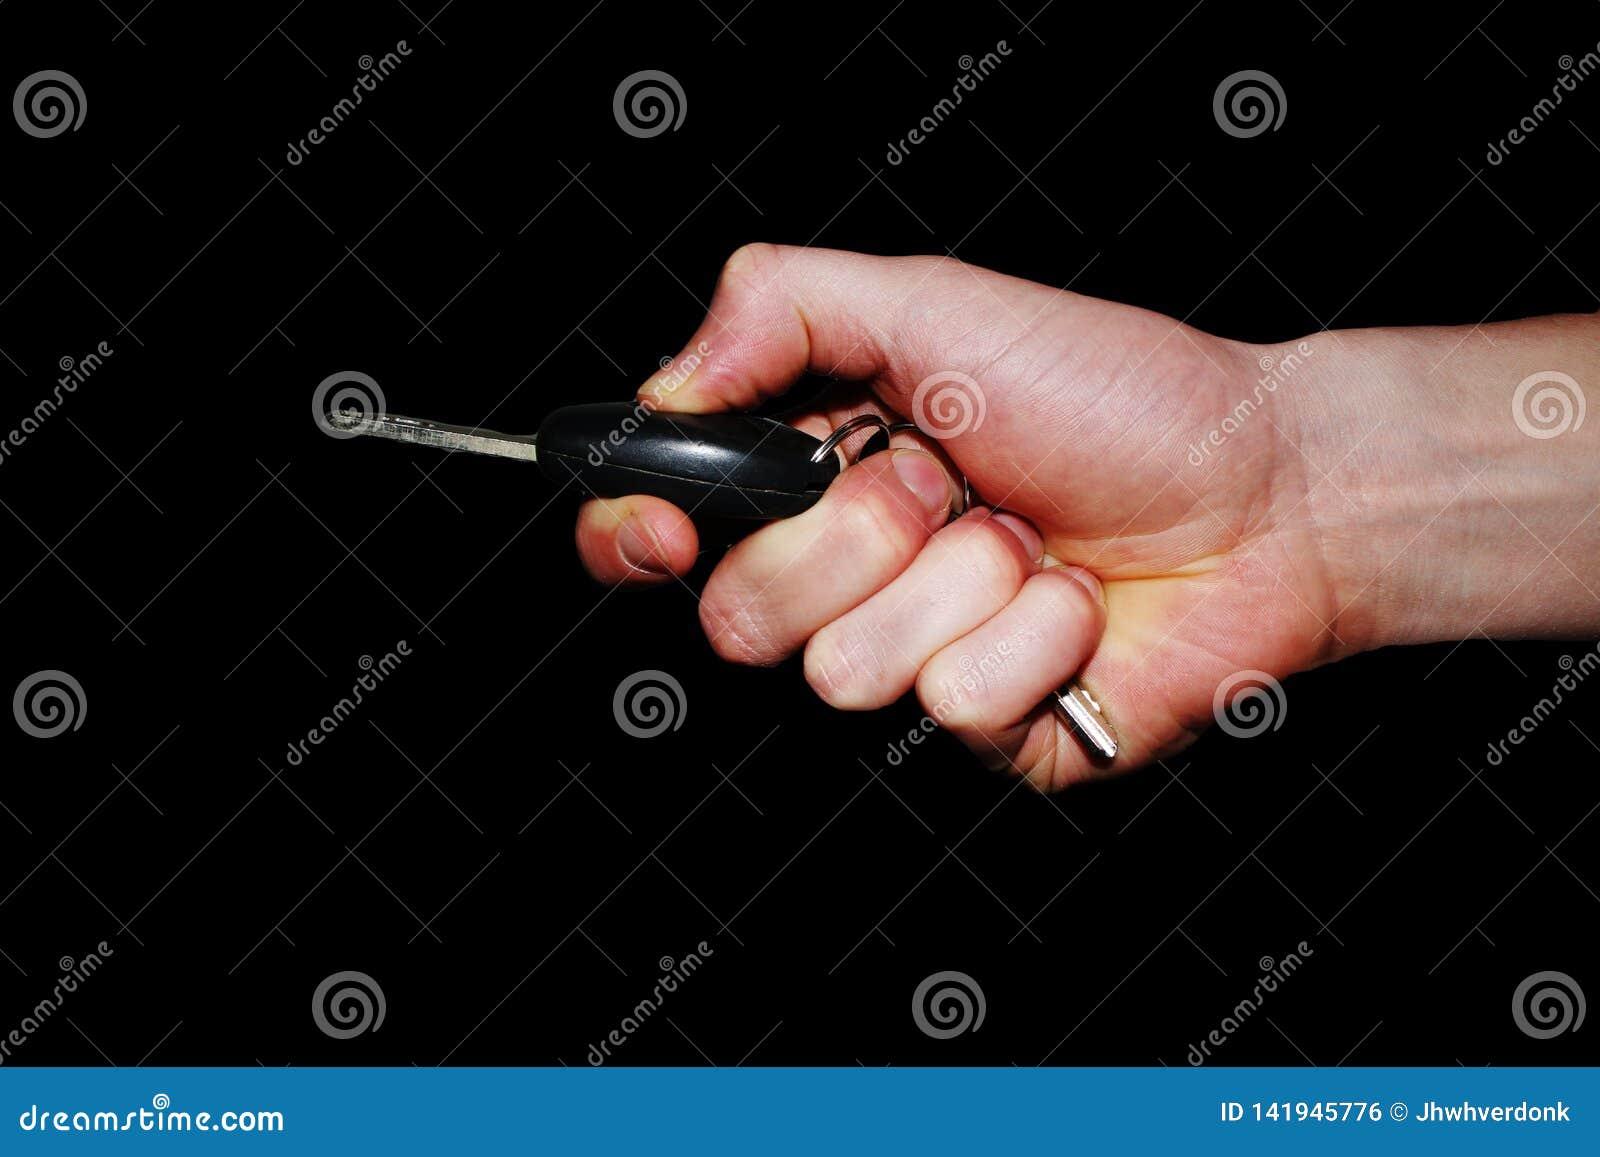 Handzeichen - Hand, die einen Autoschlüssel hält und den Knopf drückt, um ihn zu öffnen